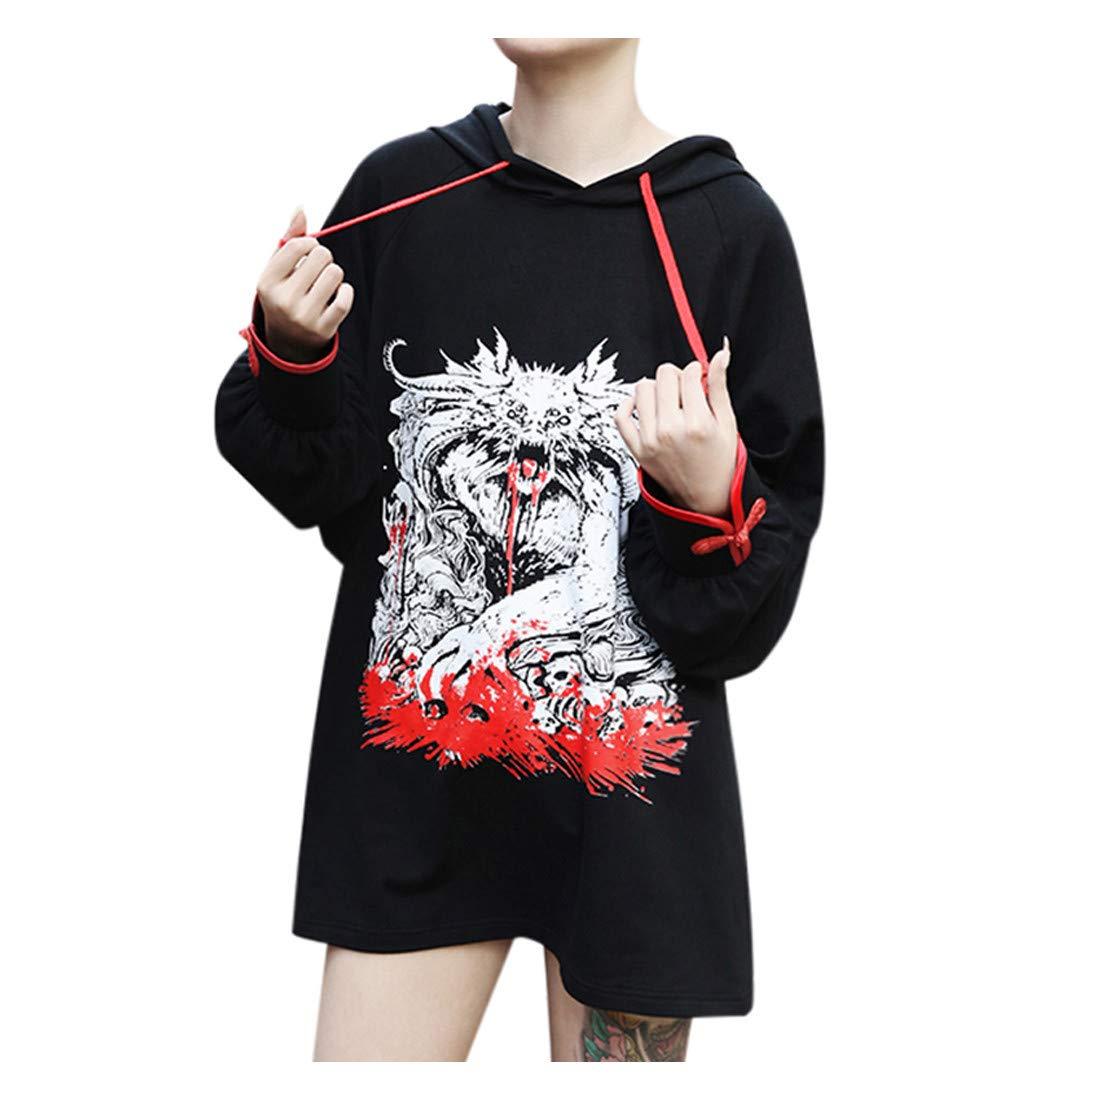 Black Gothic Hoodie Women Punk Dark Style Dragon Printed Long Sleeve Casual Loose Autumn Hooded Sweatshirts by Letdown_Women Hoodies